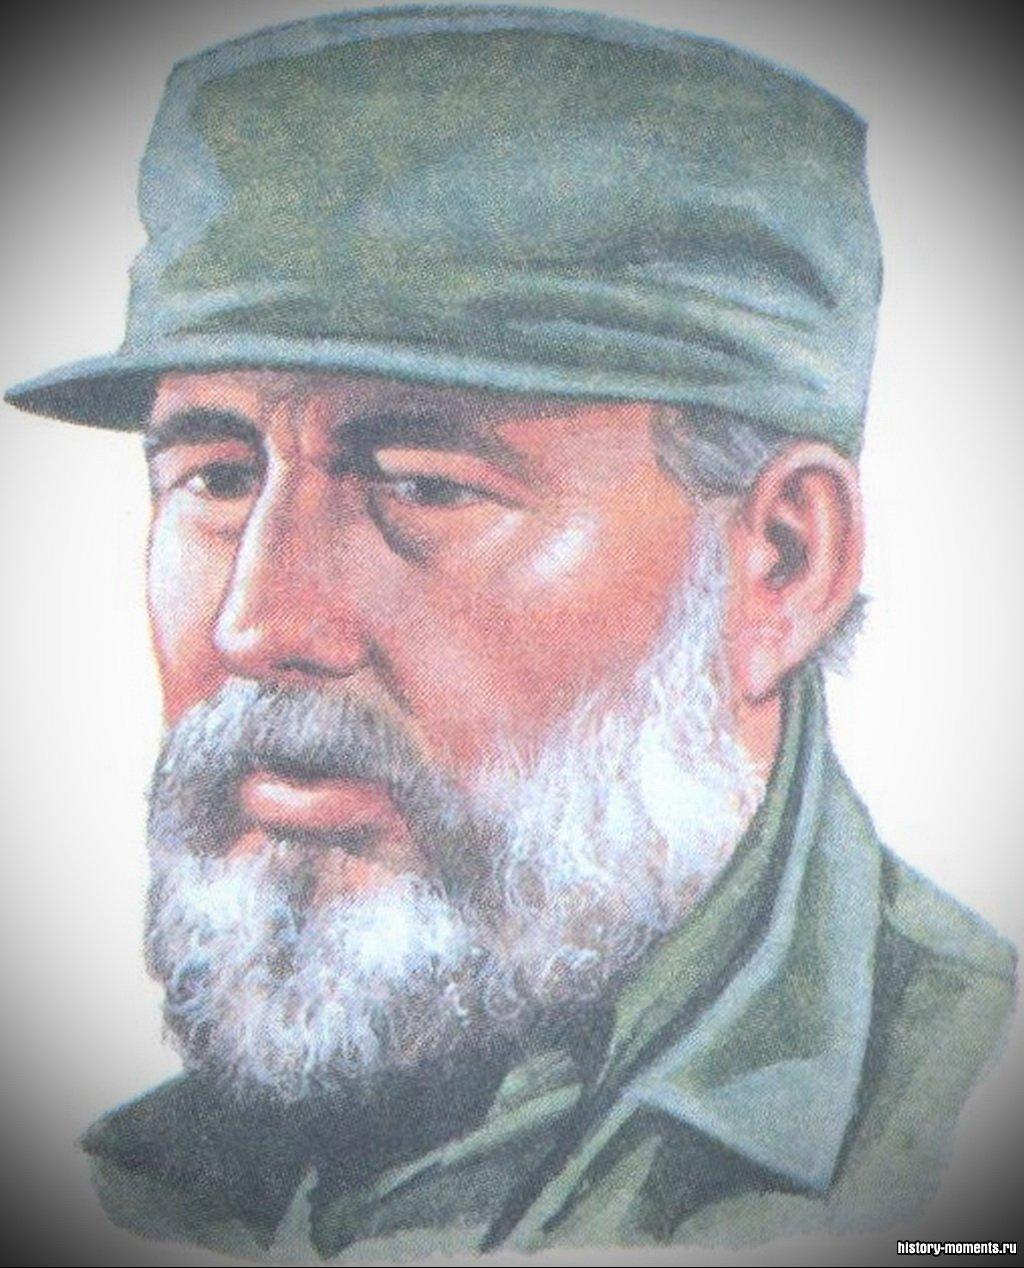 В 1959 г. Кубинская революция, возглавляемая Фиделем Кастро, свергла диктатора Батисту. На Кубе до сих пор сохраняется коммунистическое правление.